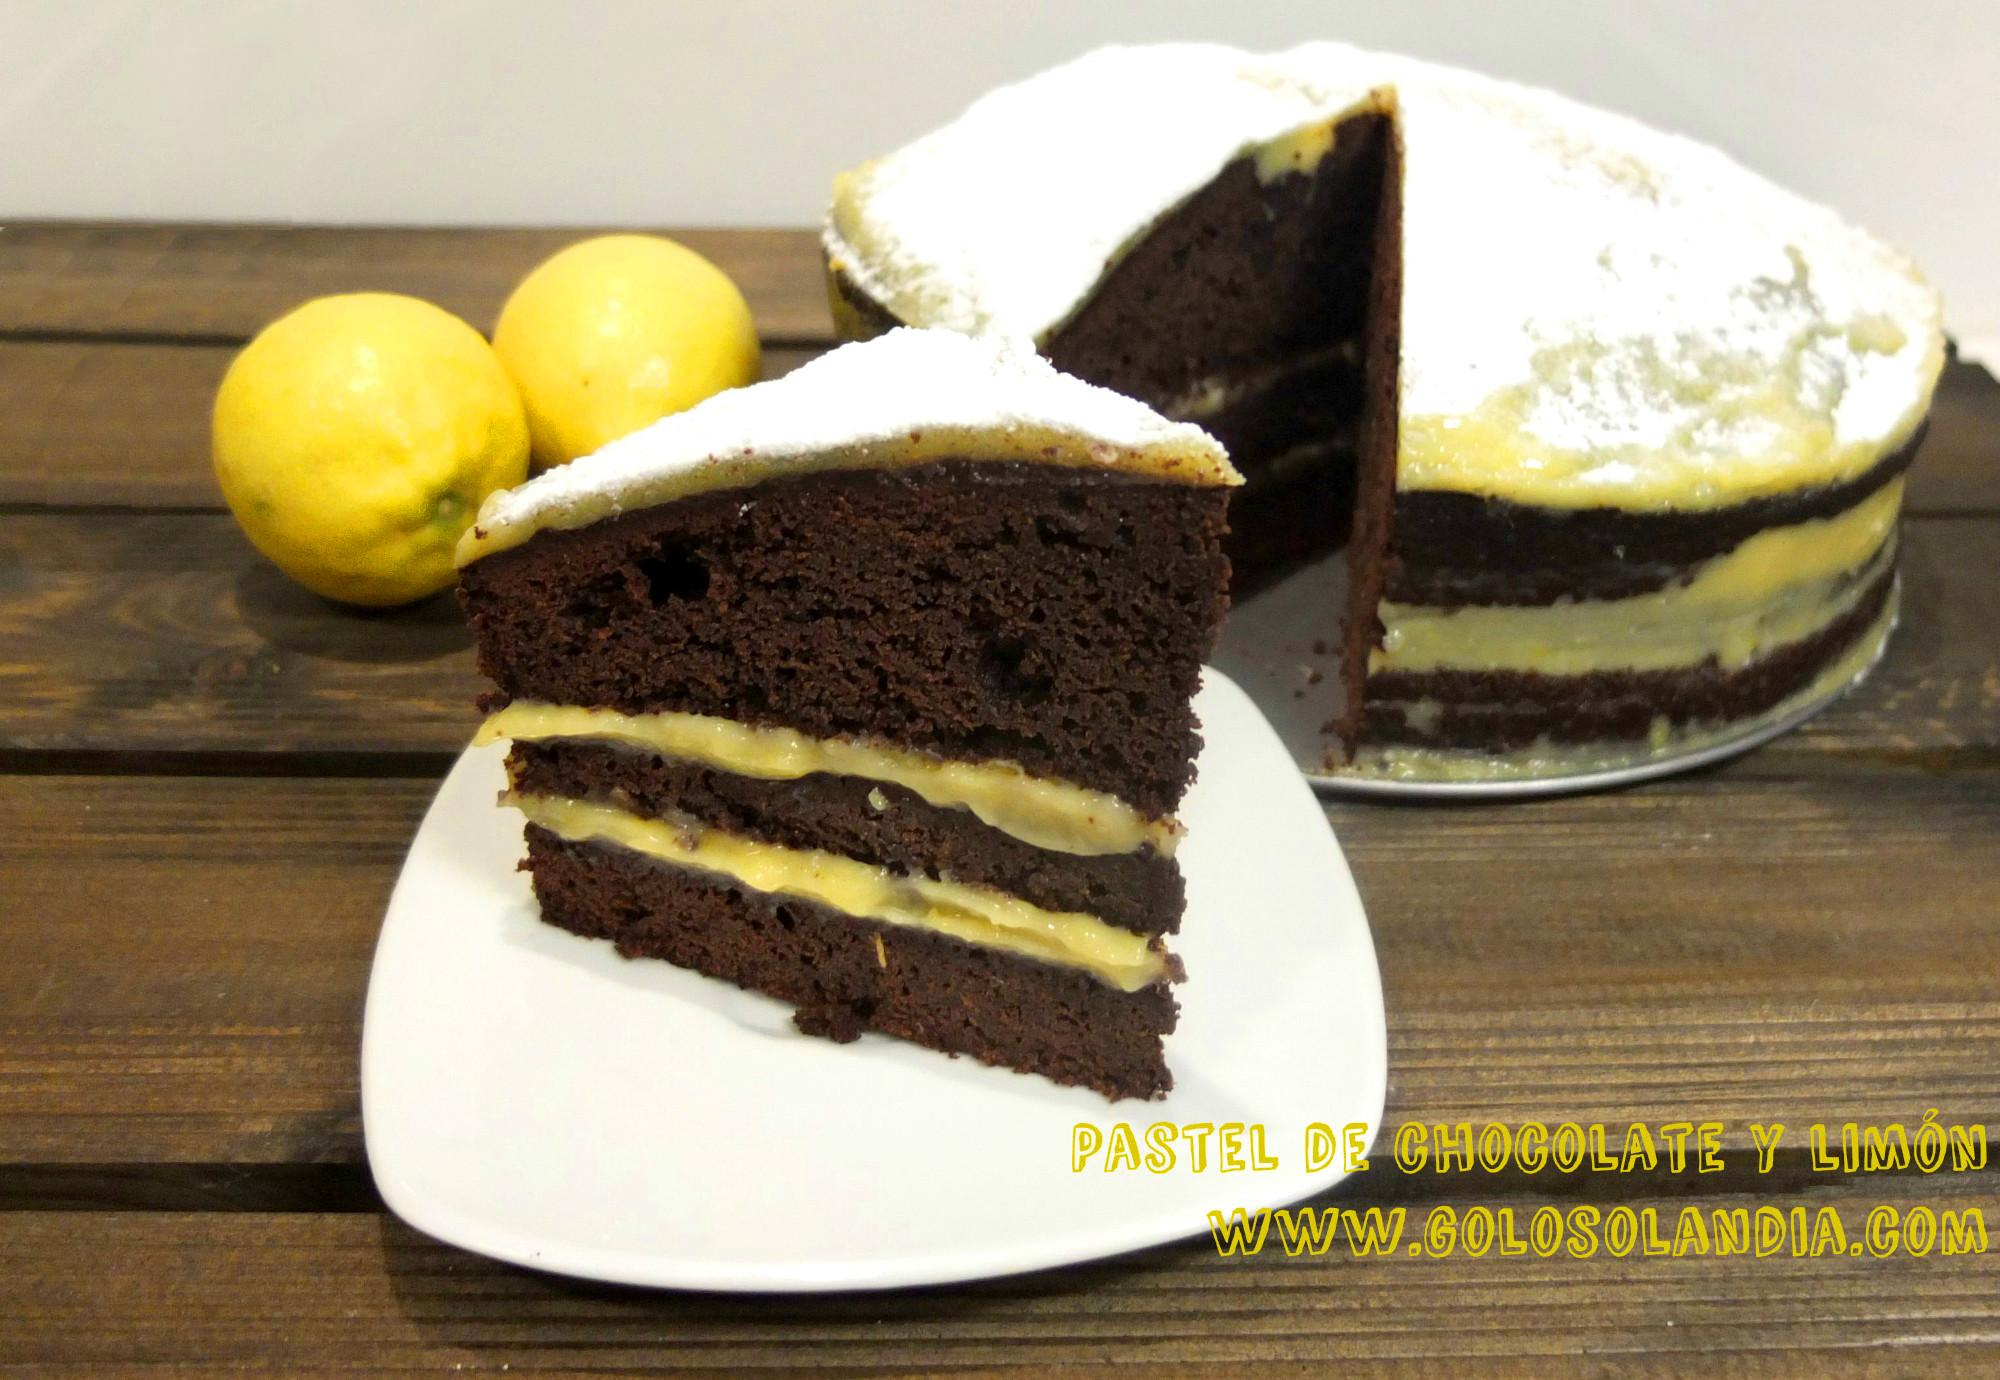 Pastel de chocolate y limón